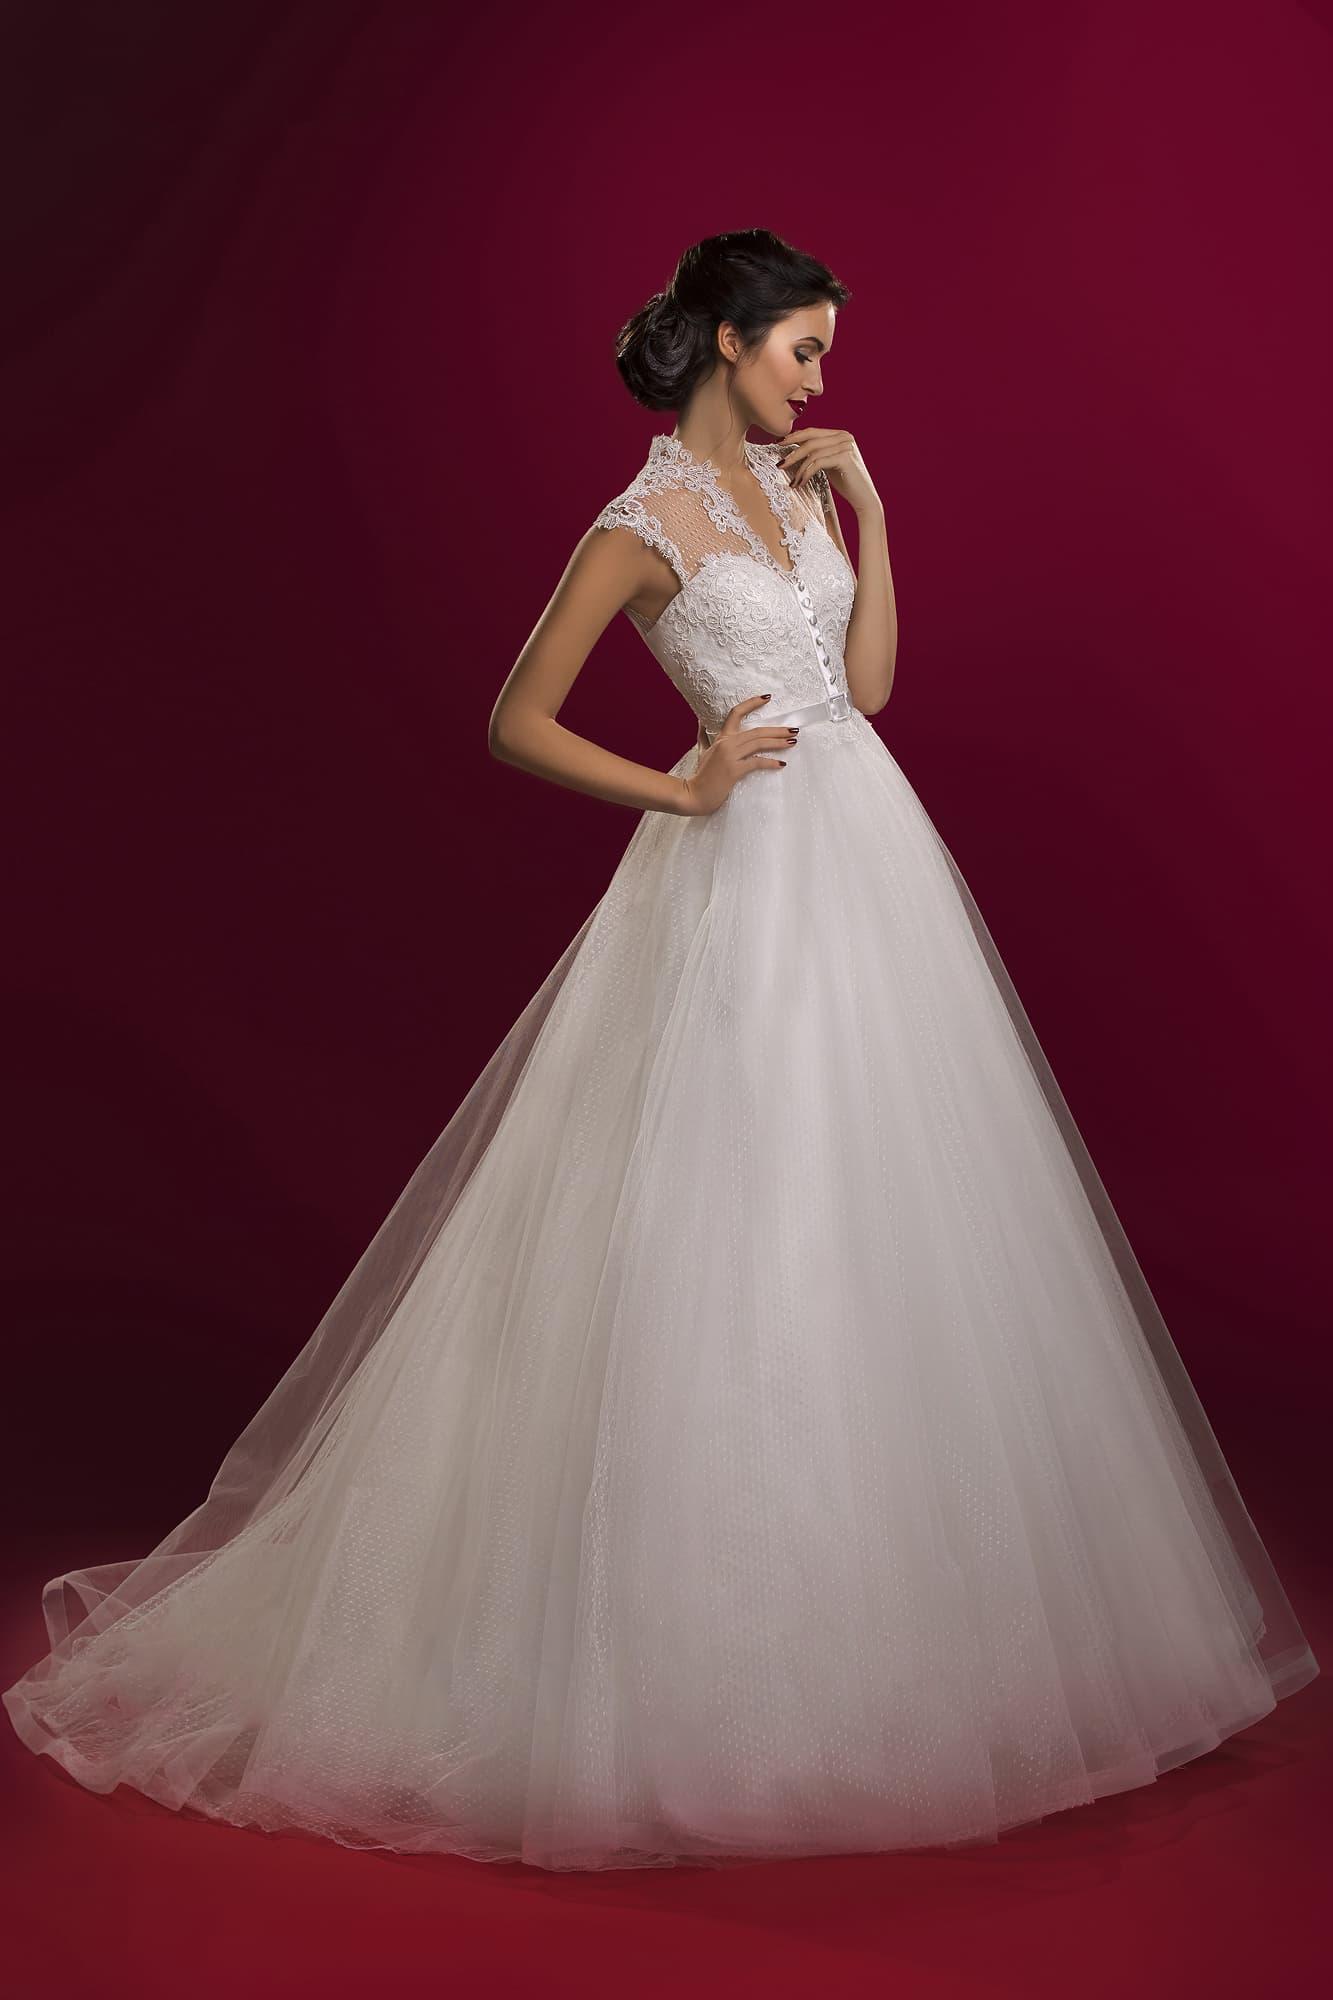 8612290dc5c Кружевное свадебное платье А-силуэта с изящным вырезом и атласным поясом на  талии.